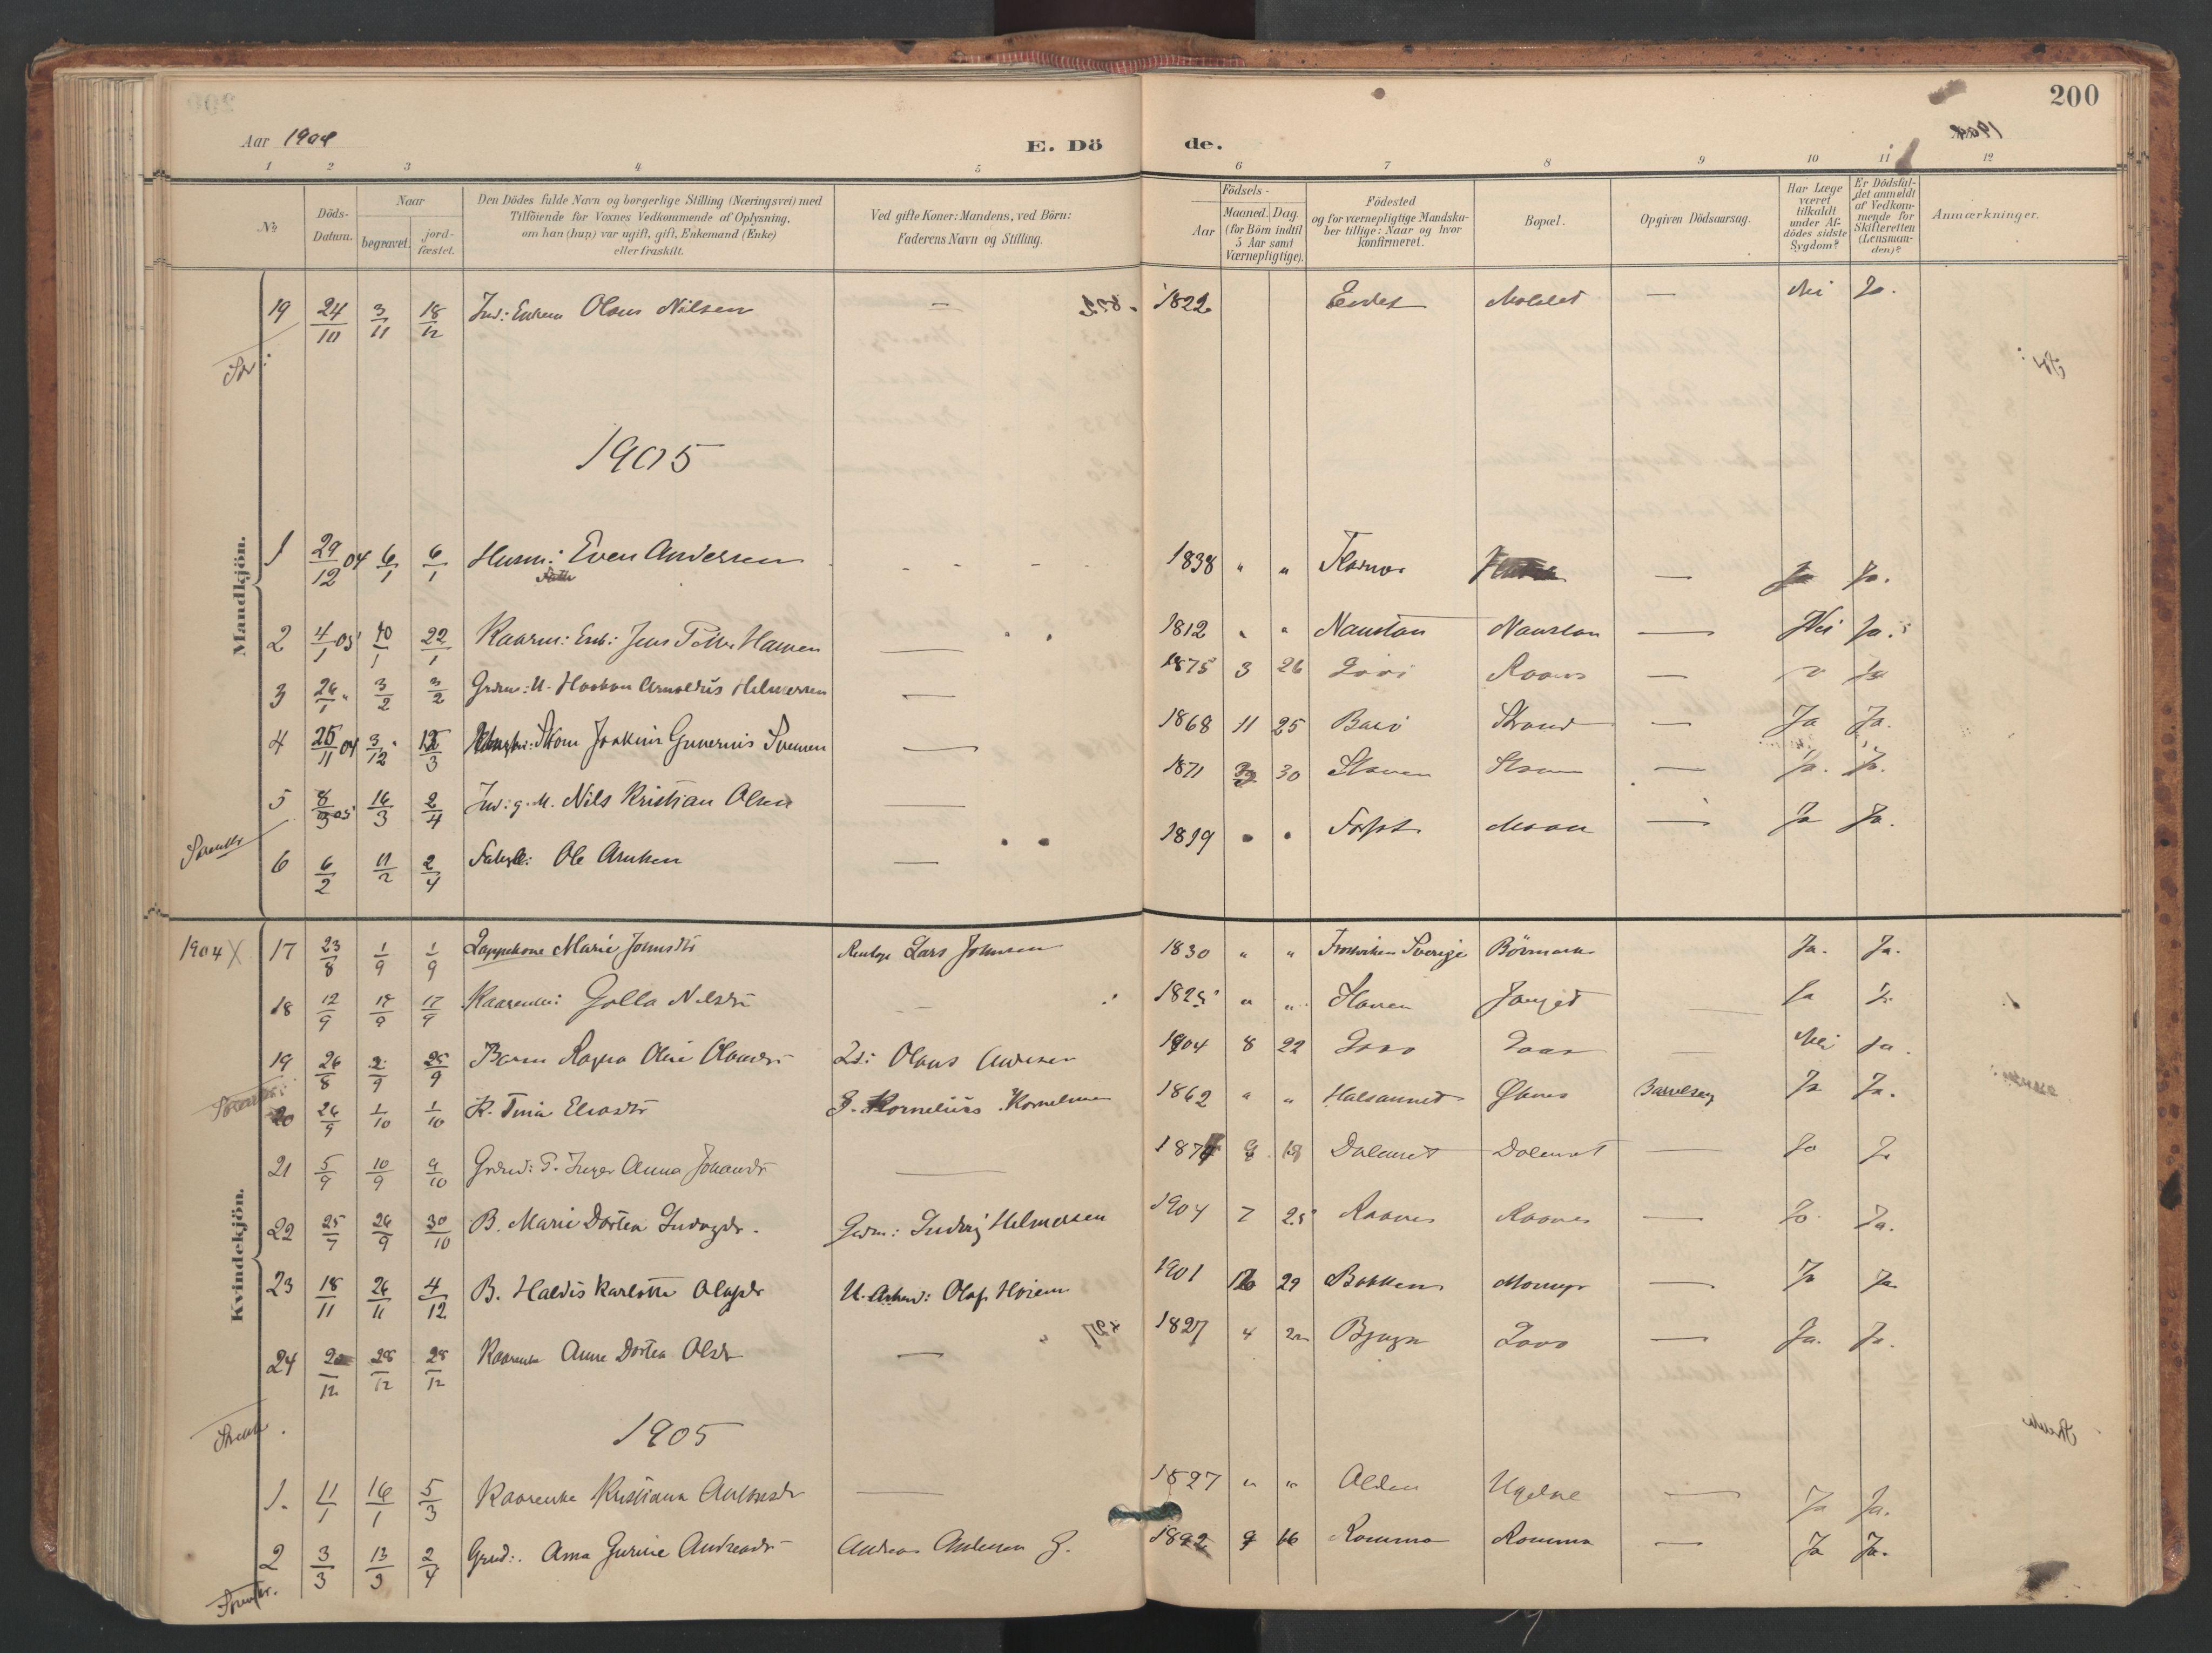 SAT, Ministerialprotokoller, klokkerbøker og fødselsregistre - Sør-Trøndelag, 655/L0681: Ministerialbok nr. 655A10, 1895-1907, s. 200